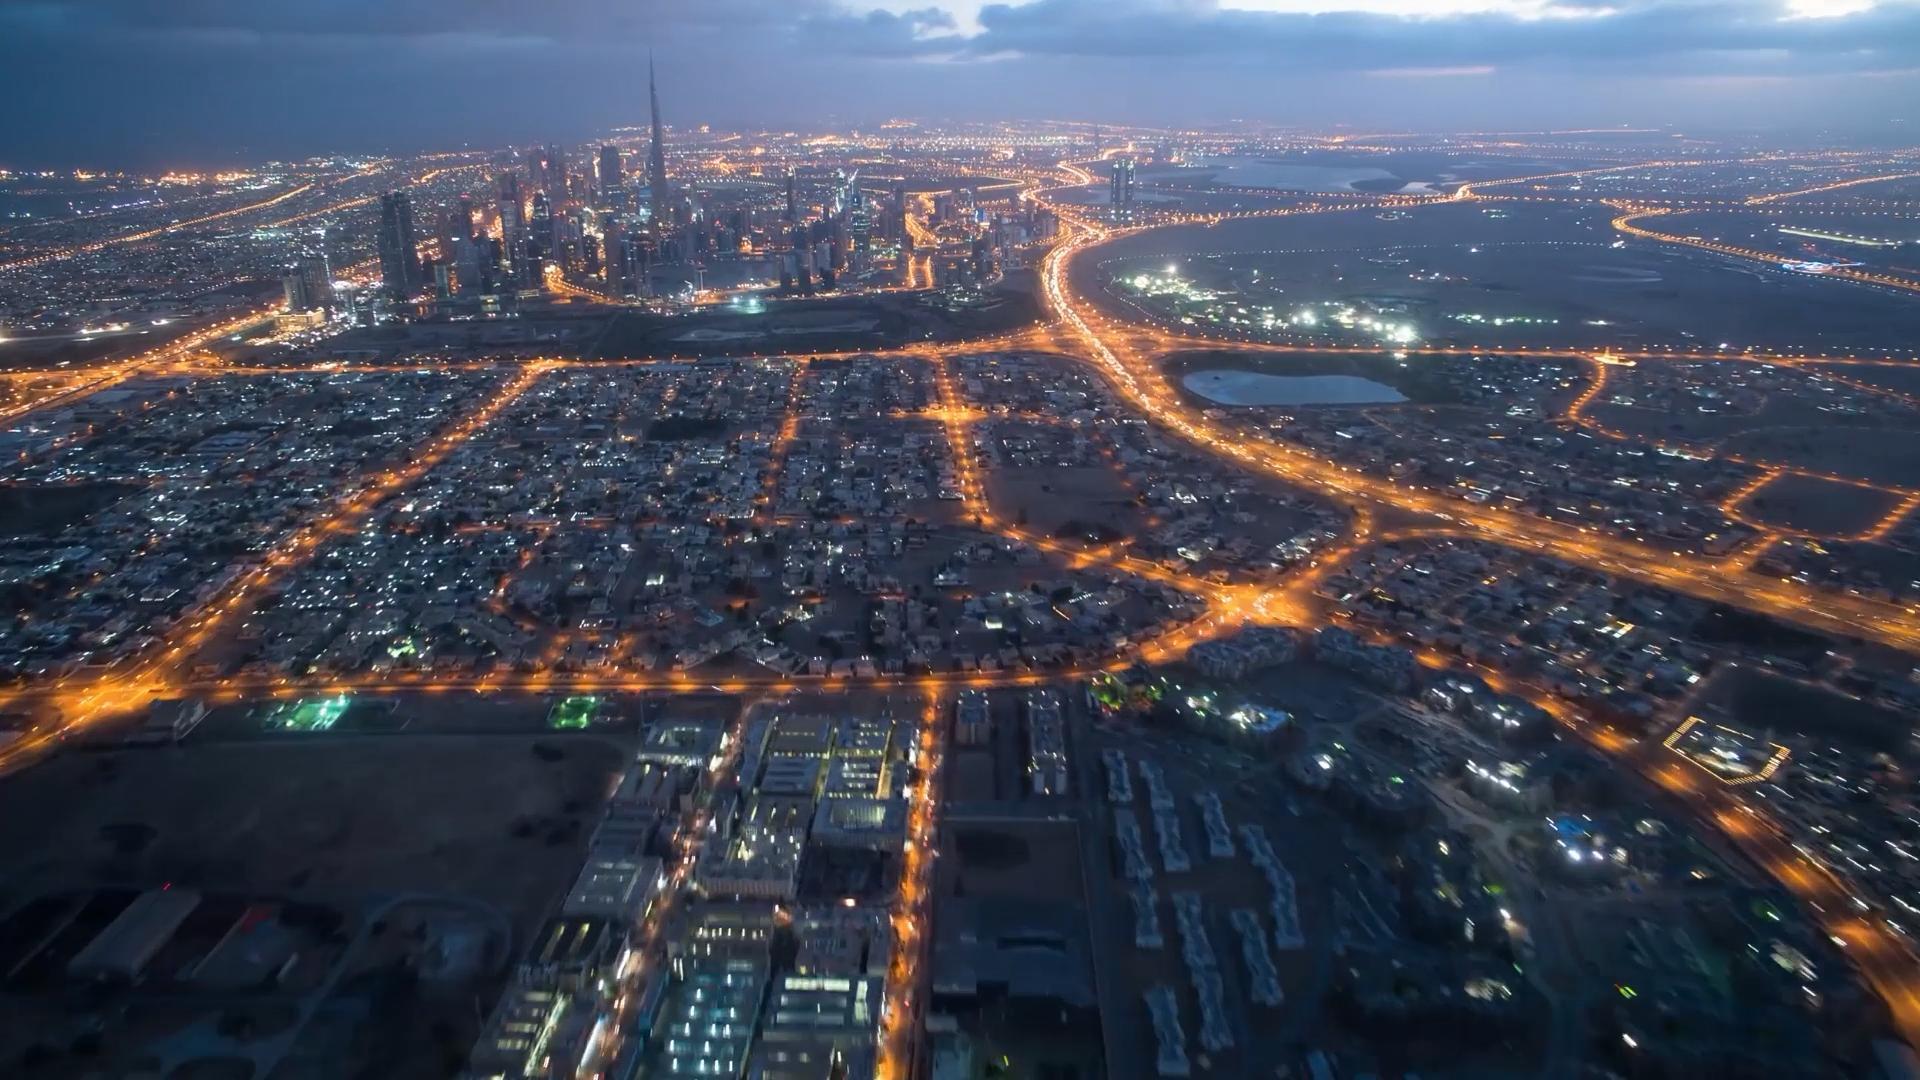 延时摄影公路山峰城市夜晚车流